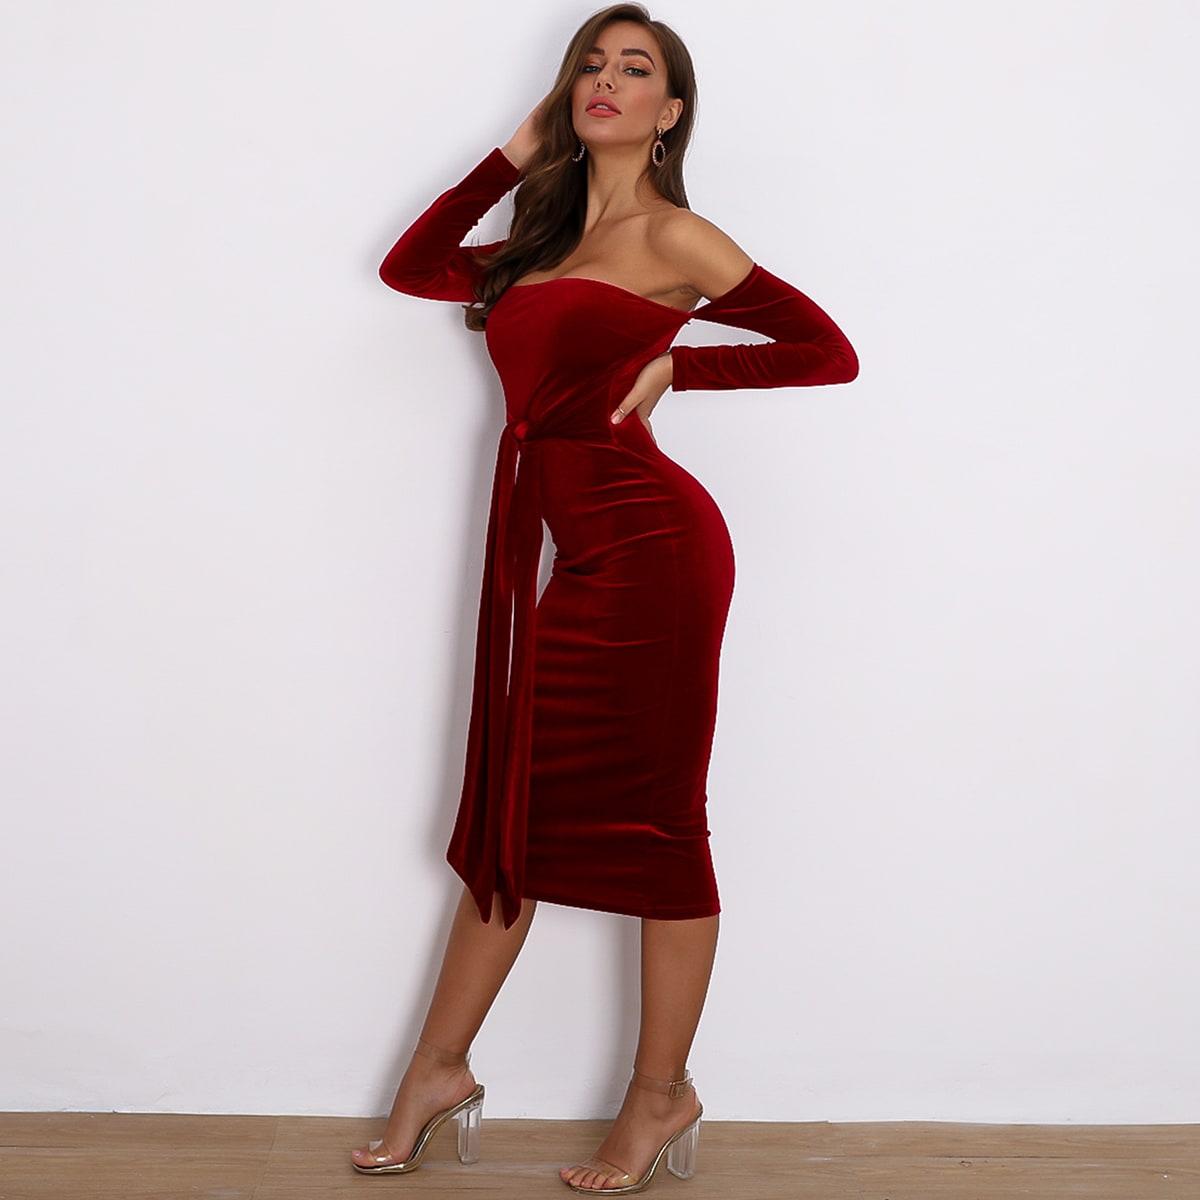 облегающее бархатое платье с открытыми плечами и узлом SheIn swdress42191111736